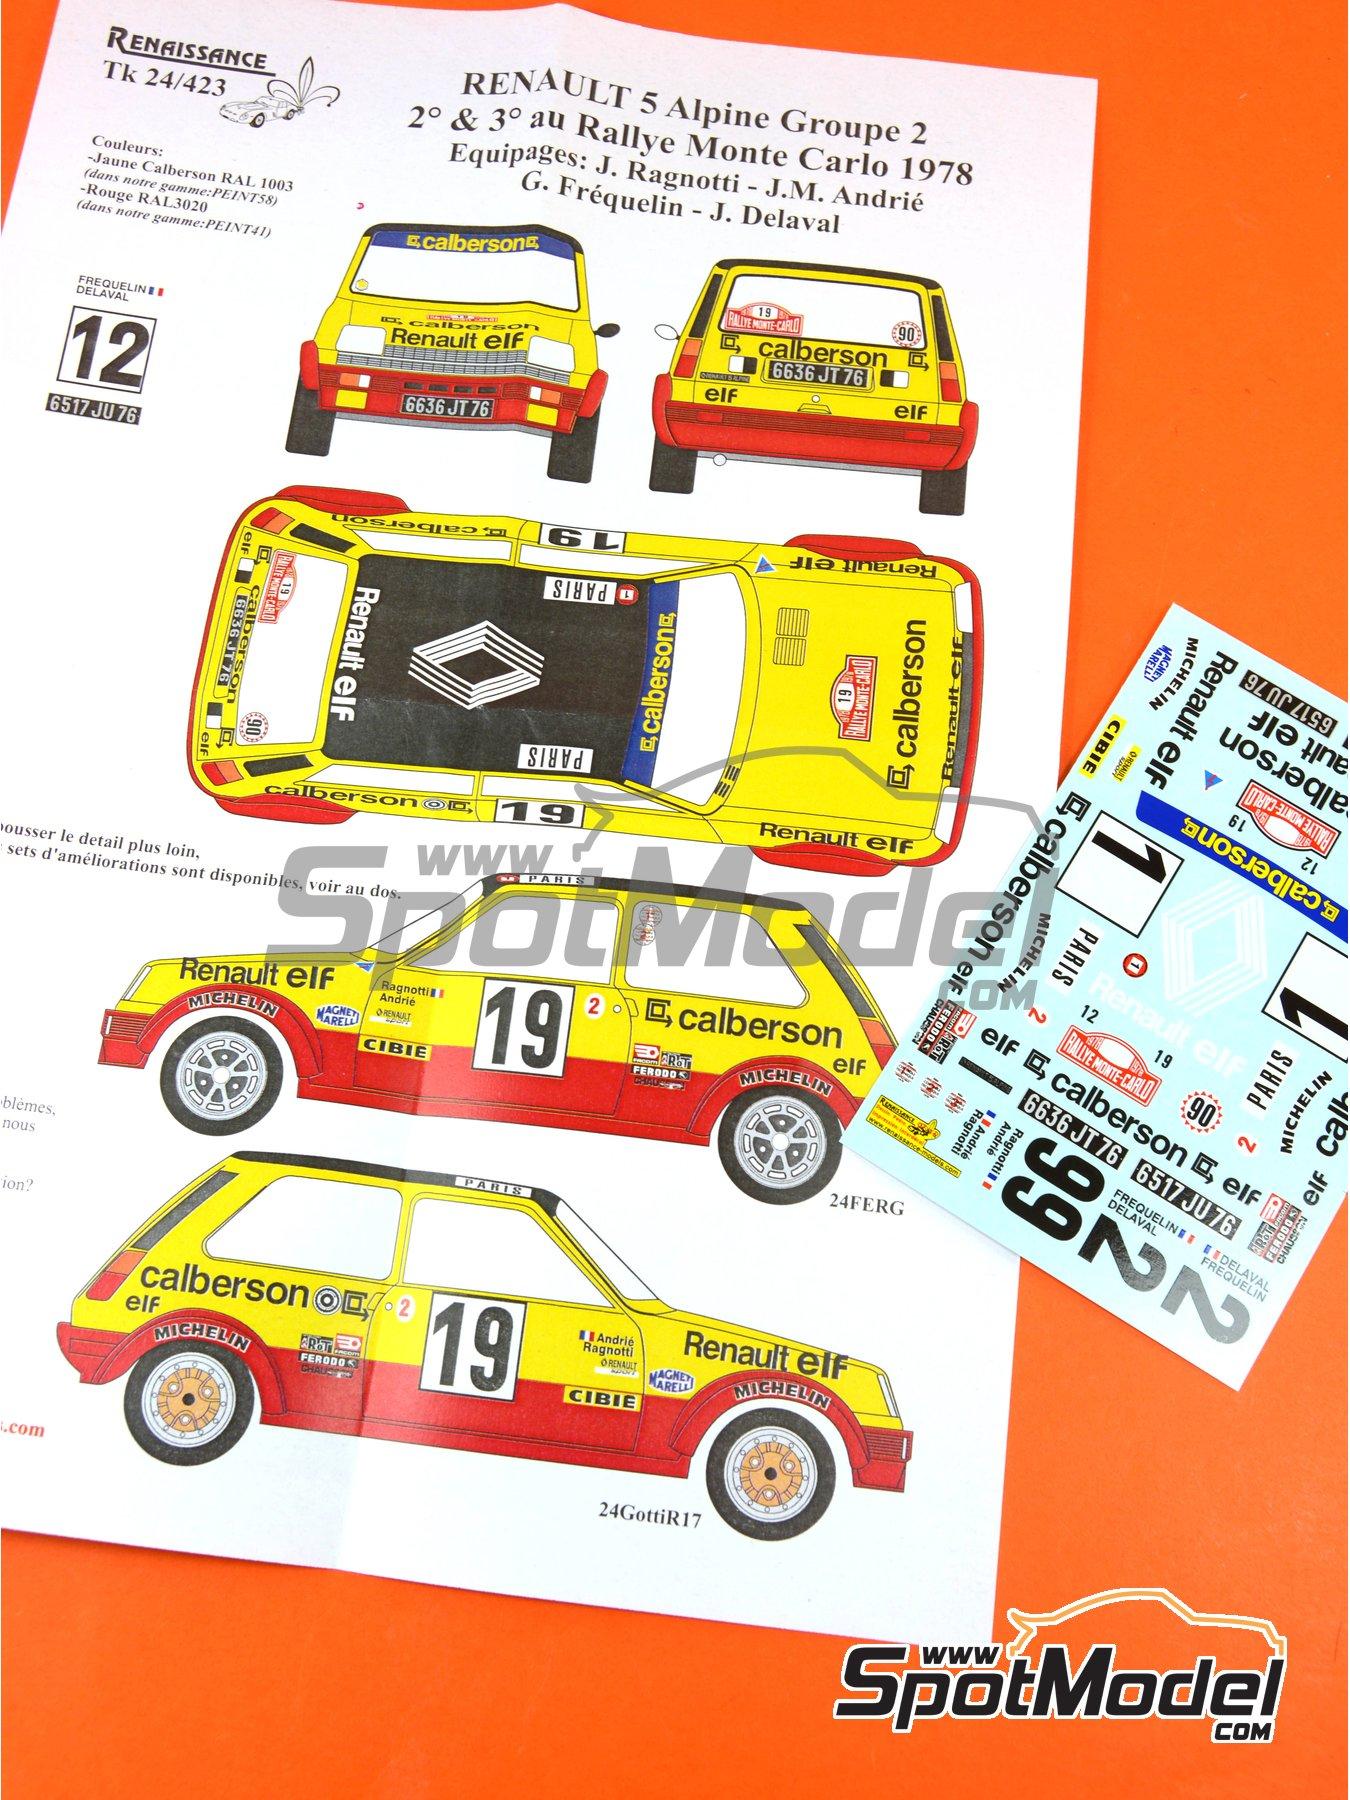 Renault R5 Group 2 Calberson - Rally de Montecarlo 1978 | Decoración en escala1/24 fabricado por Renaissance Models (ref.TK24-423) image